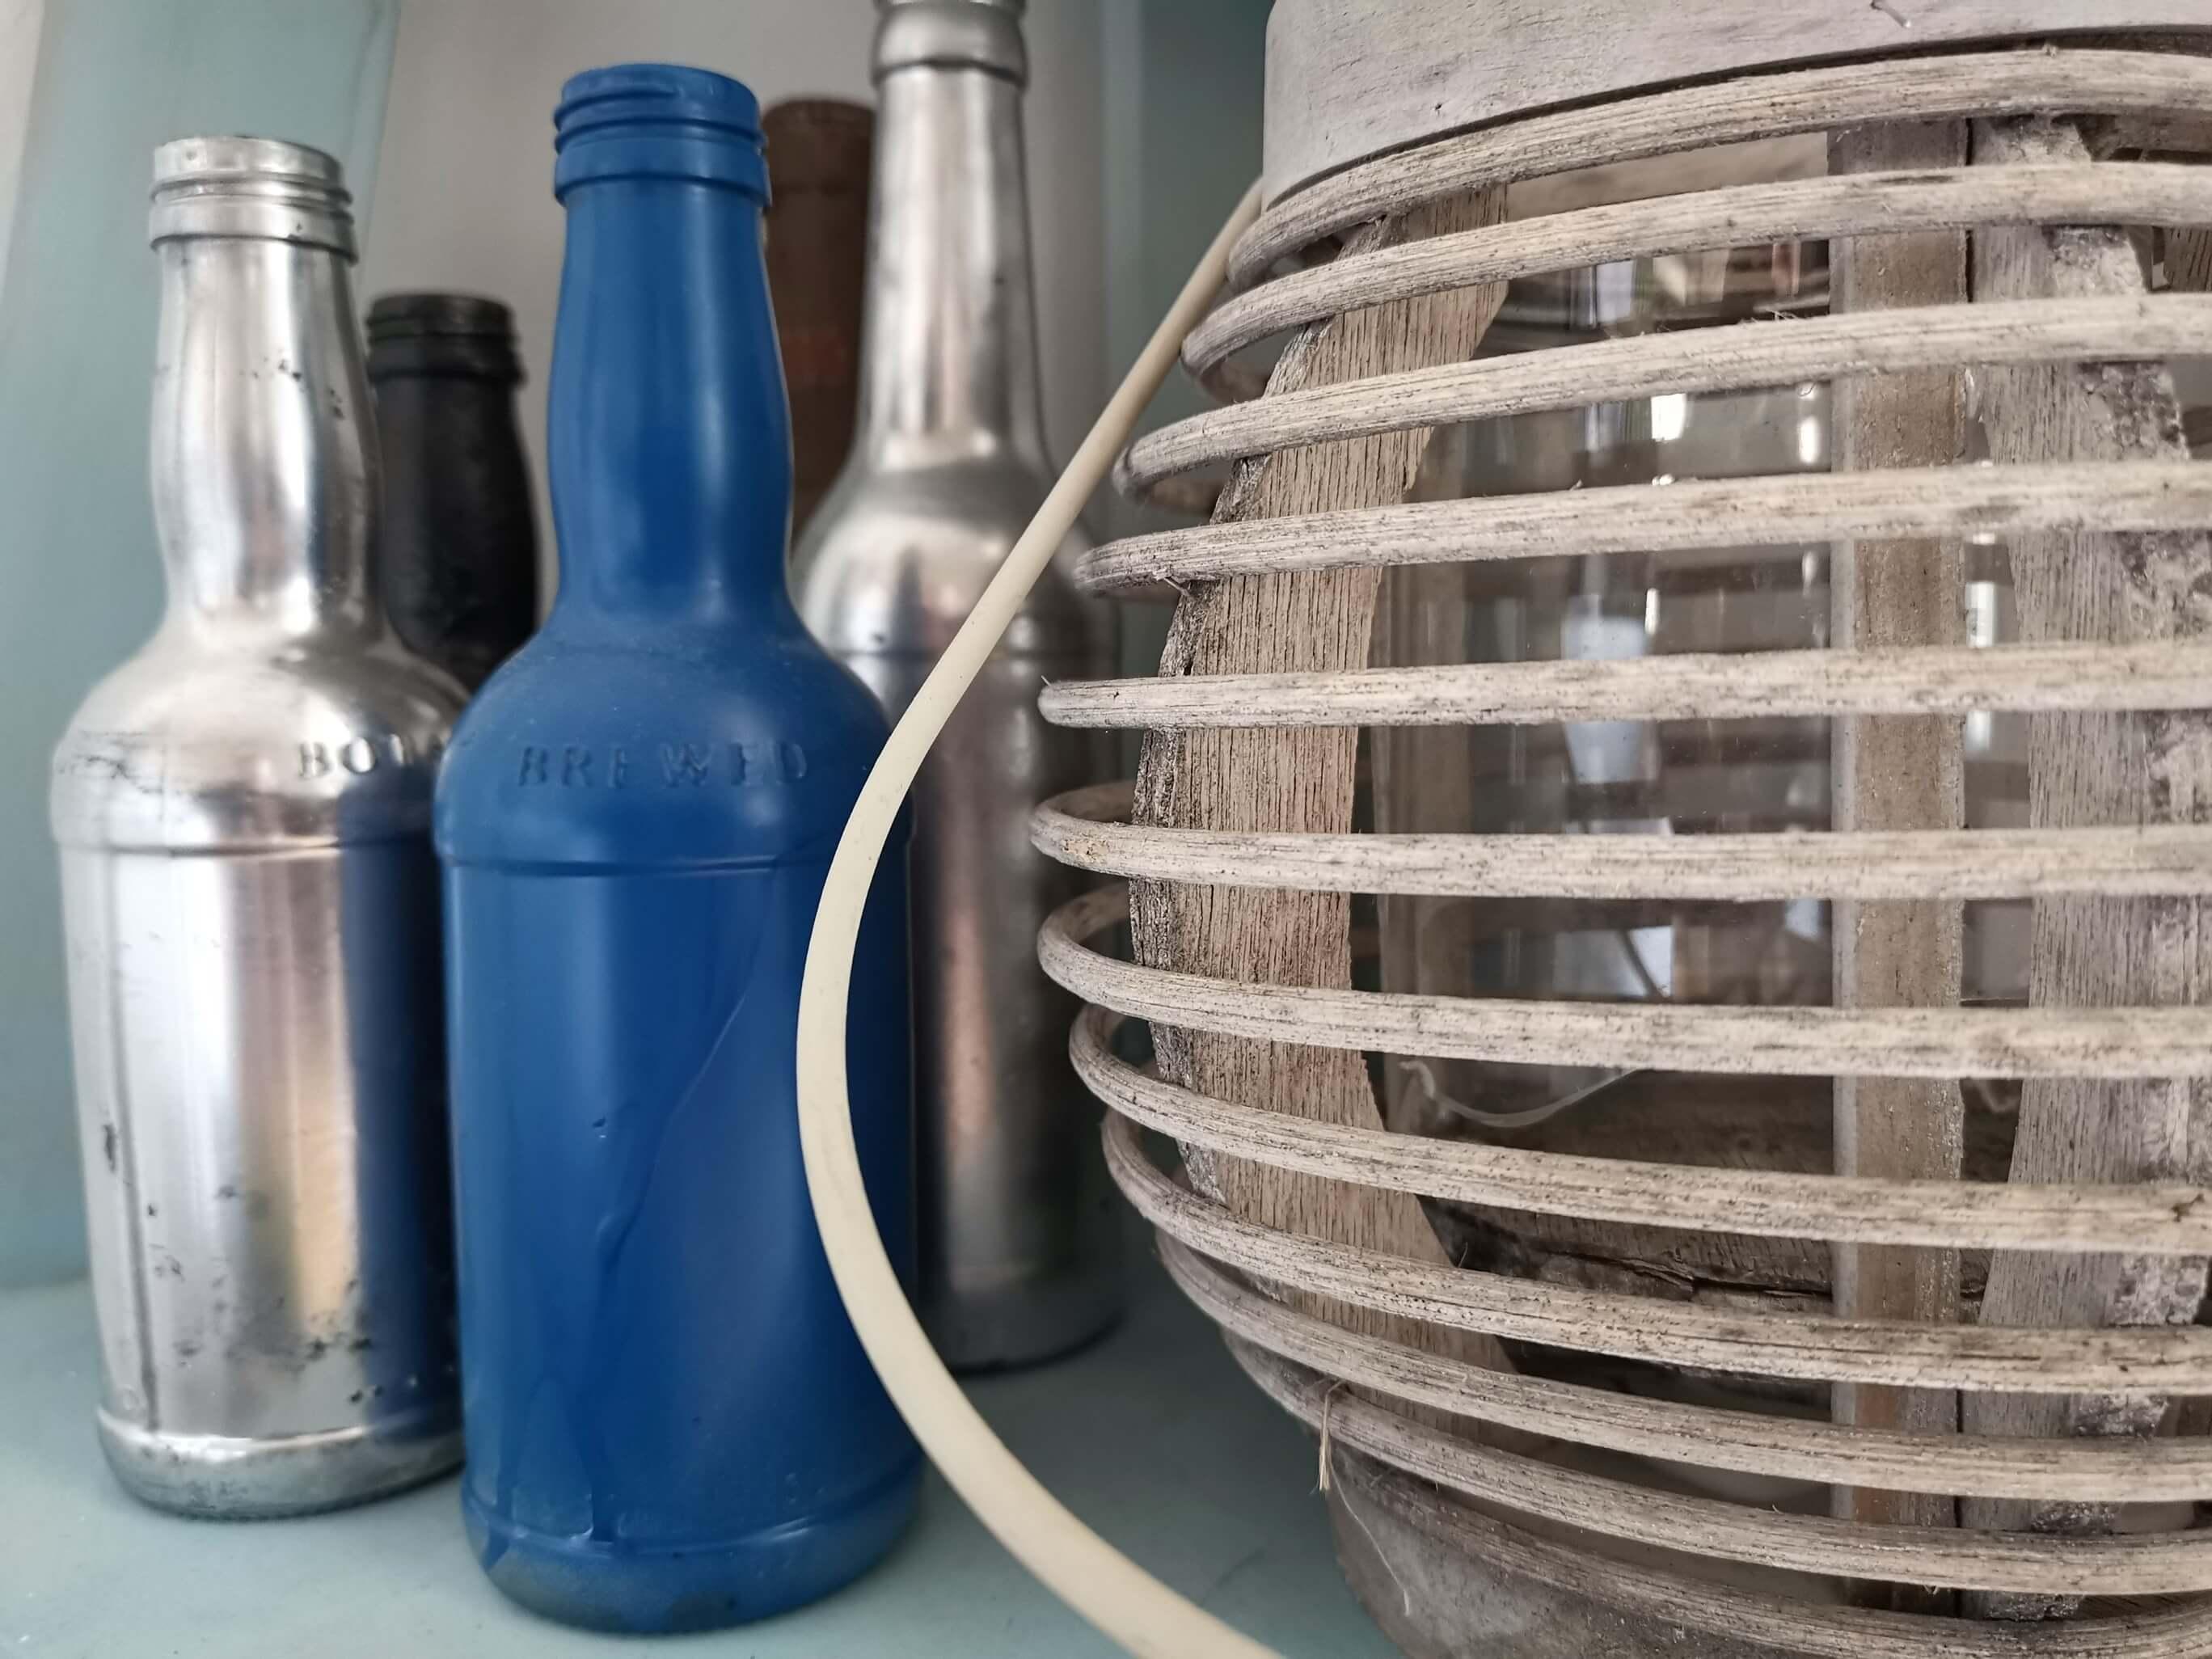 IMG 20190501 182047 resized 20190501 062156502 1 - Tvoríme z odpadu: 5 recy-nápadov pre krajší interiér